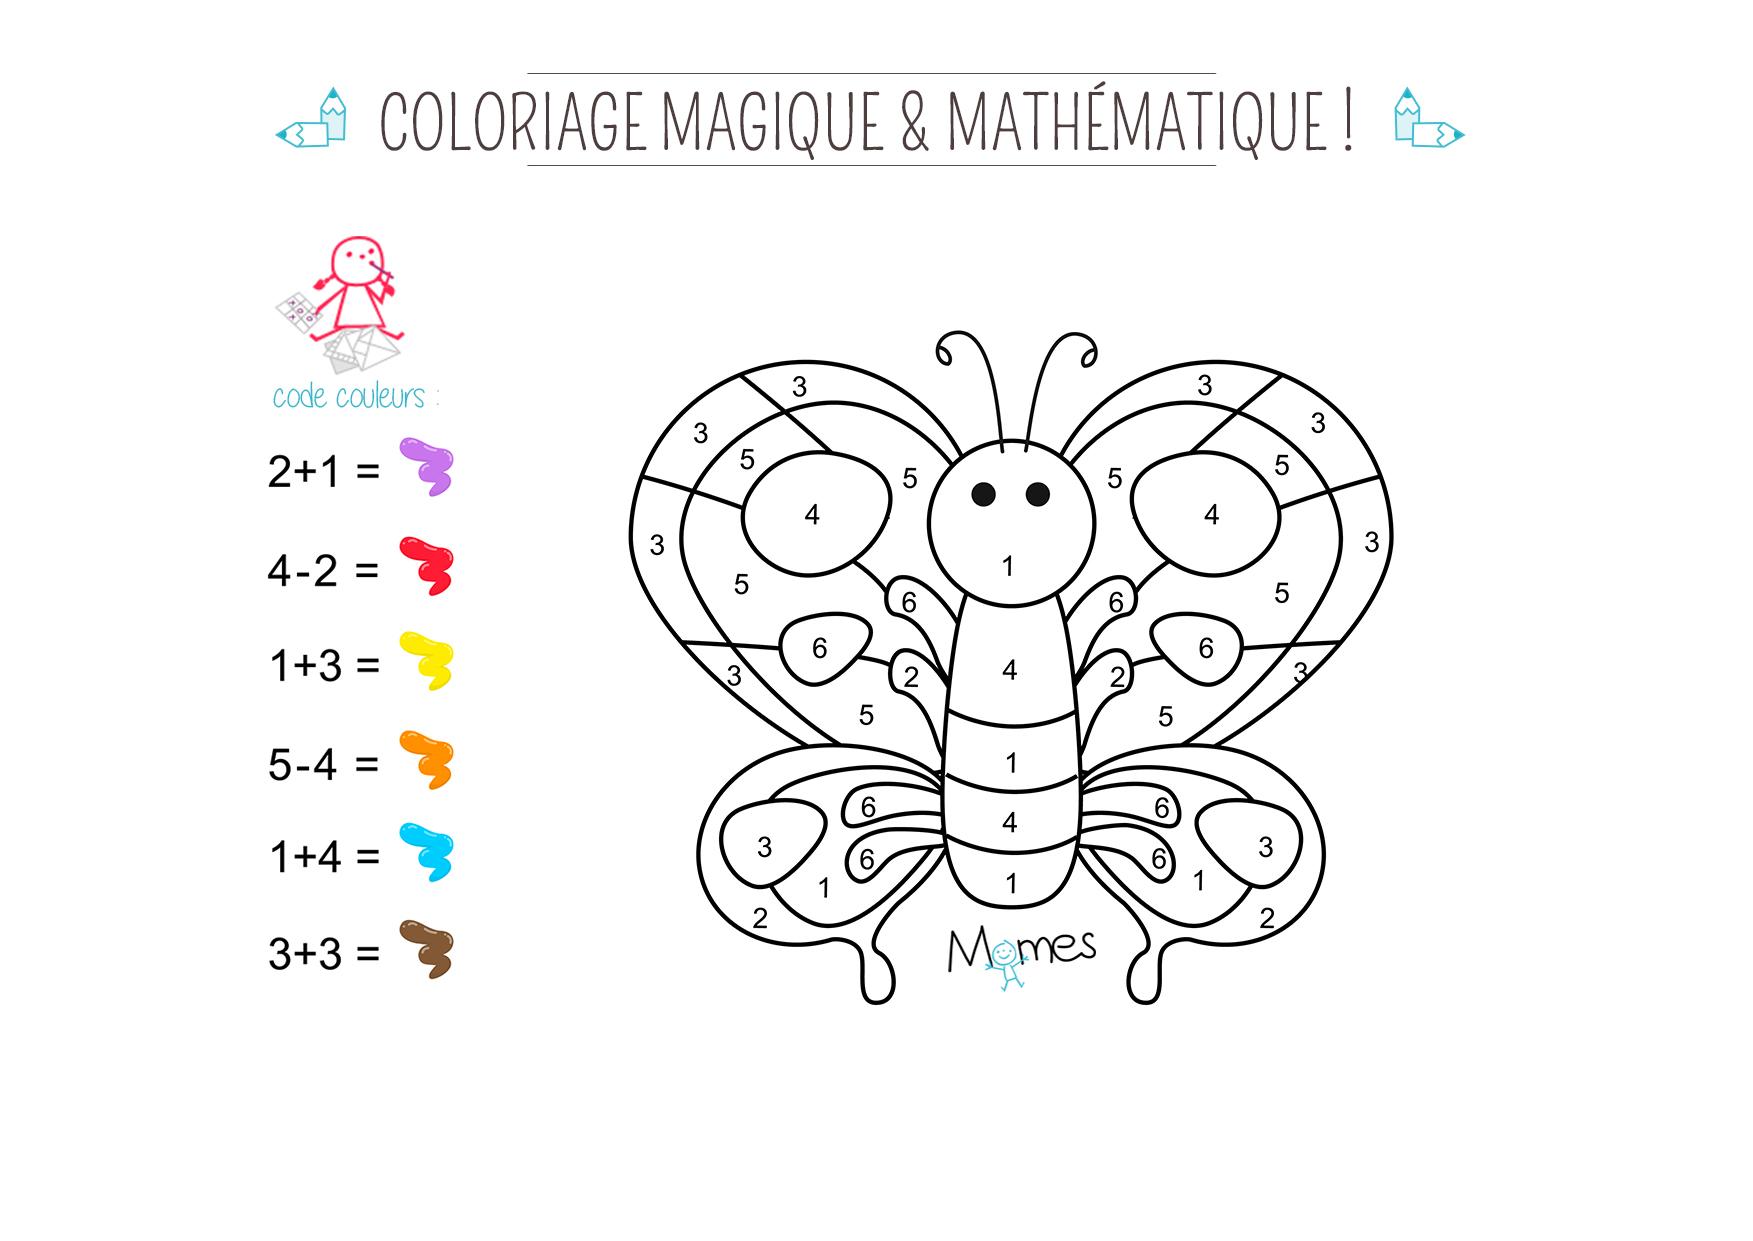 Coloriage Famille Papillon.Coloriage Magique Et Mathematique Le Papillon Momes Net